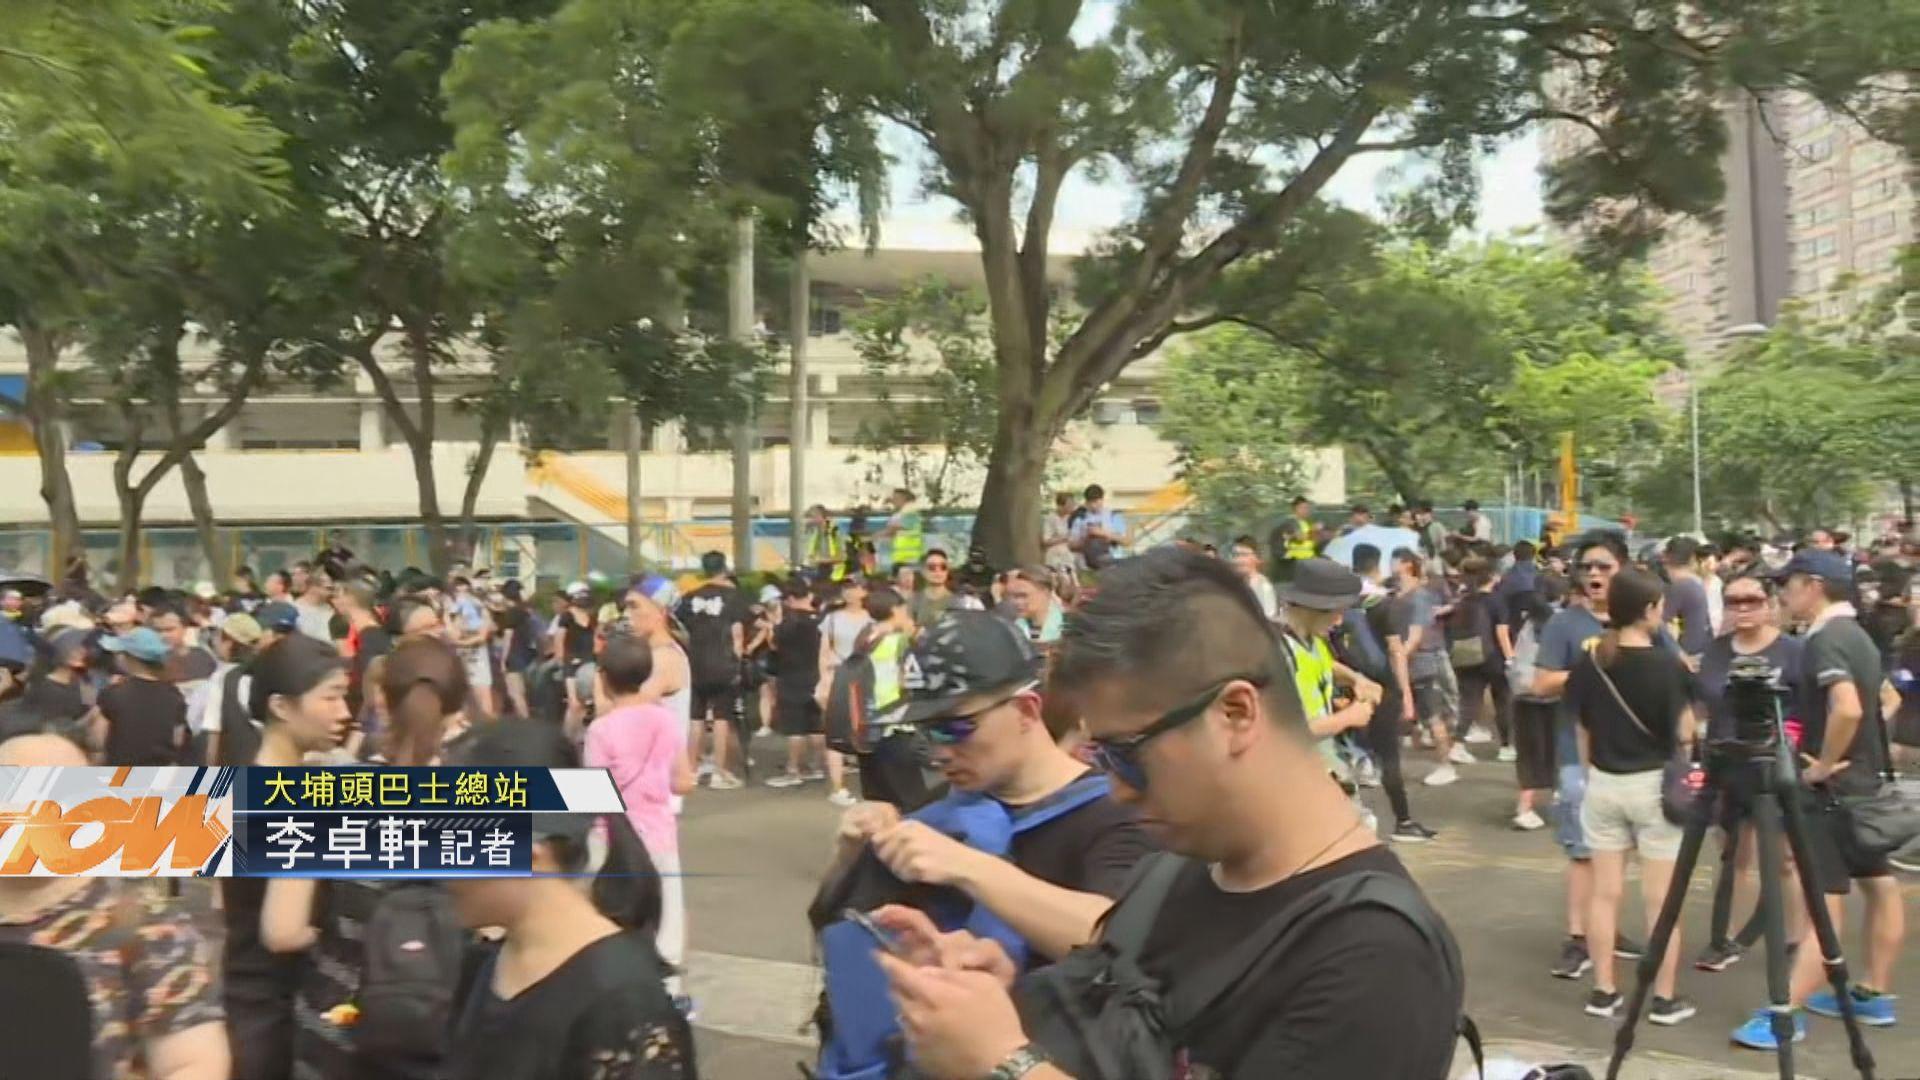 【現場報道】大埔原定遊行取消 起點仍有人聚集